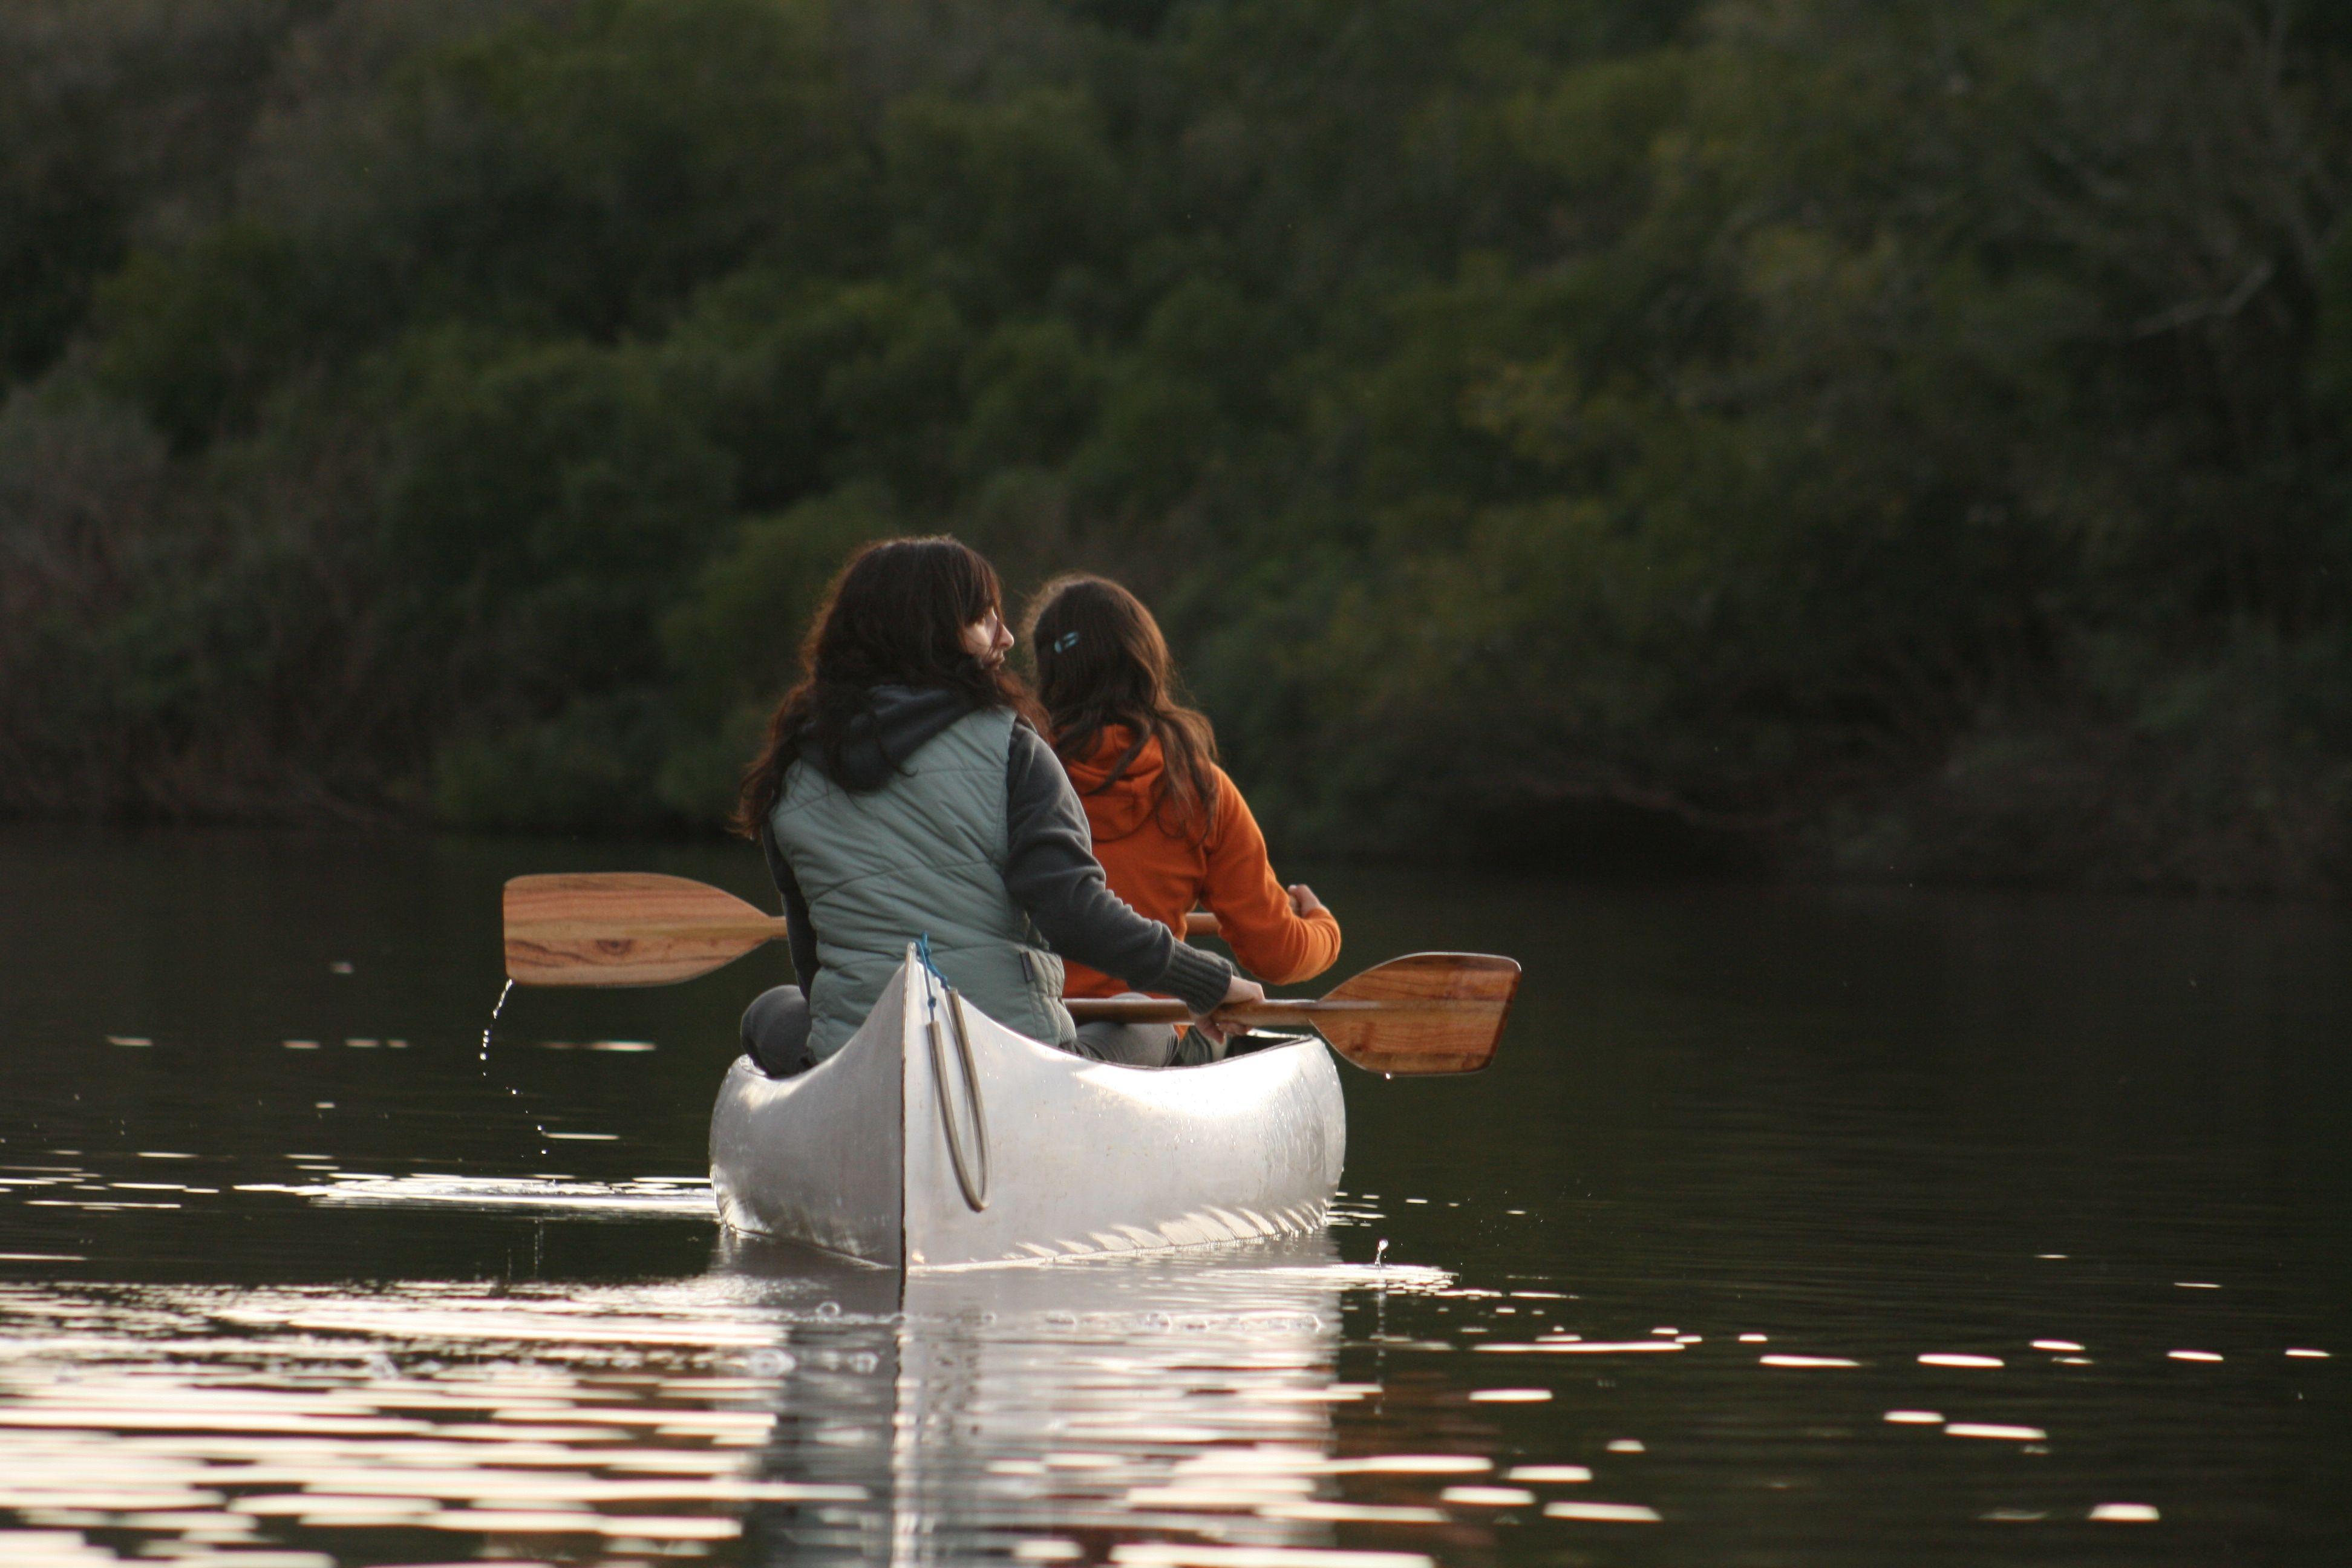 La paz del arroyo